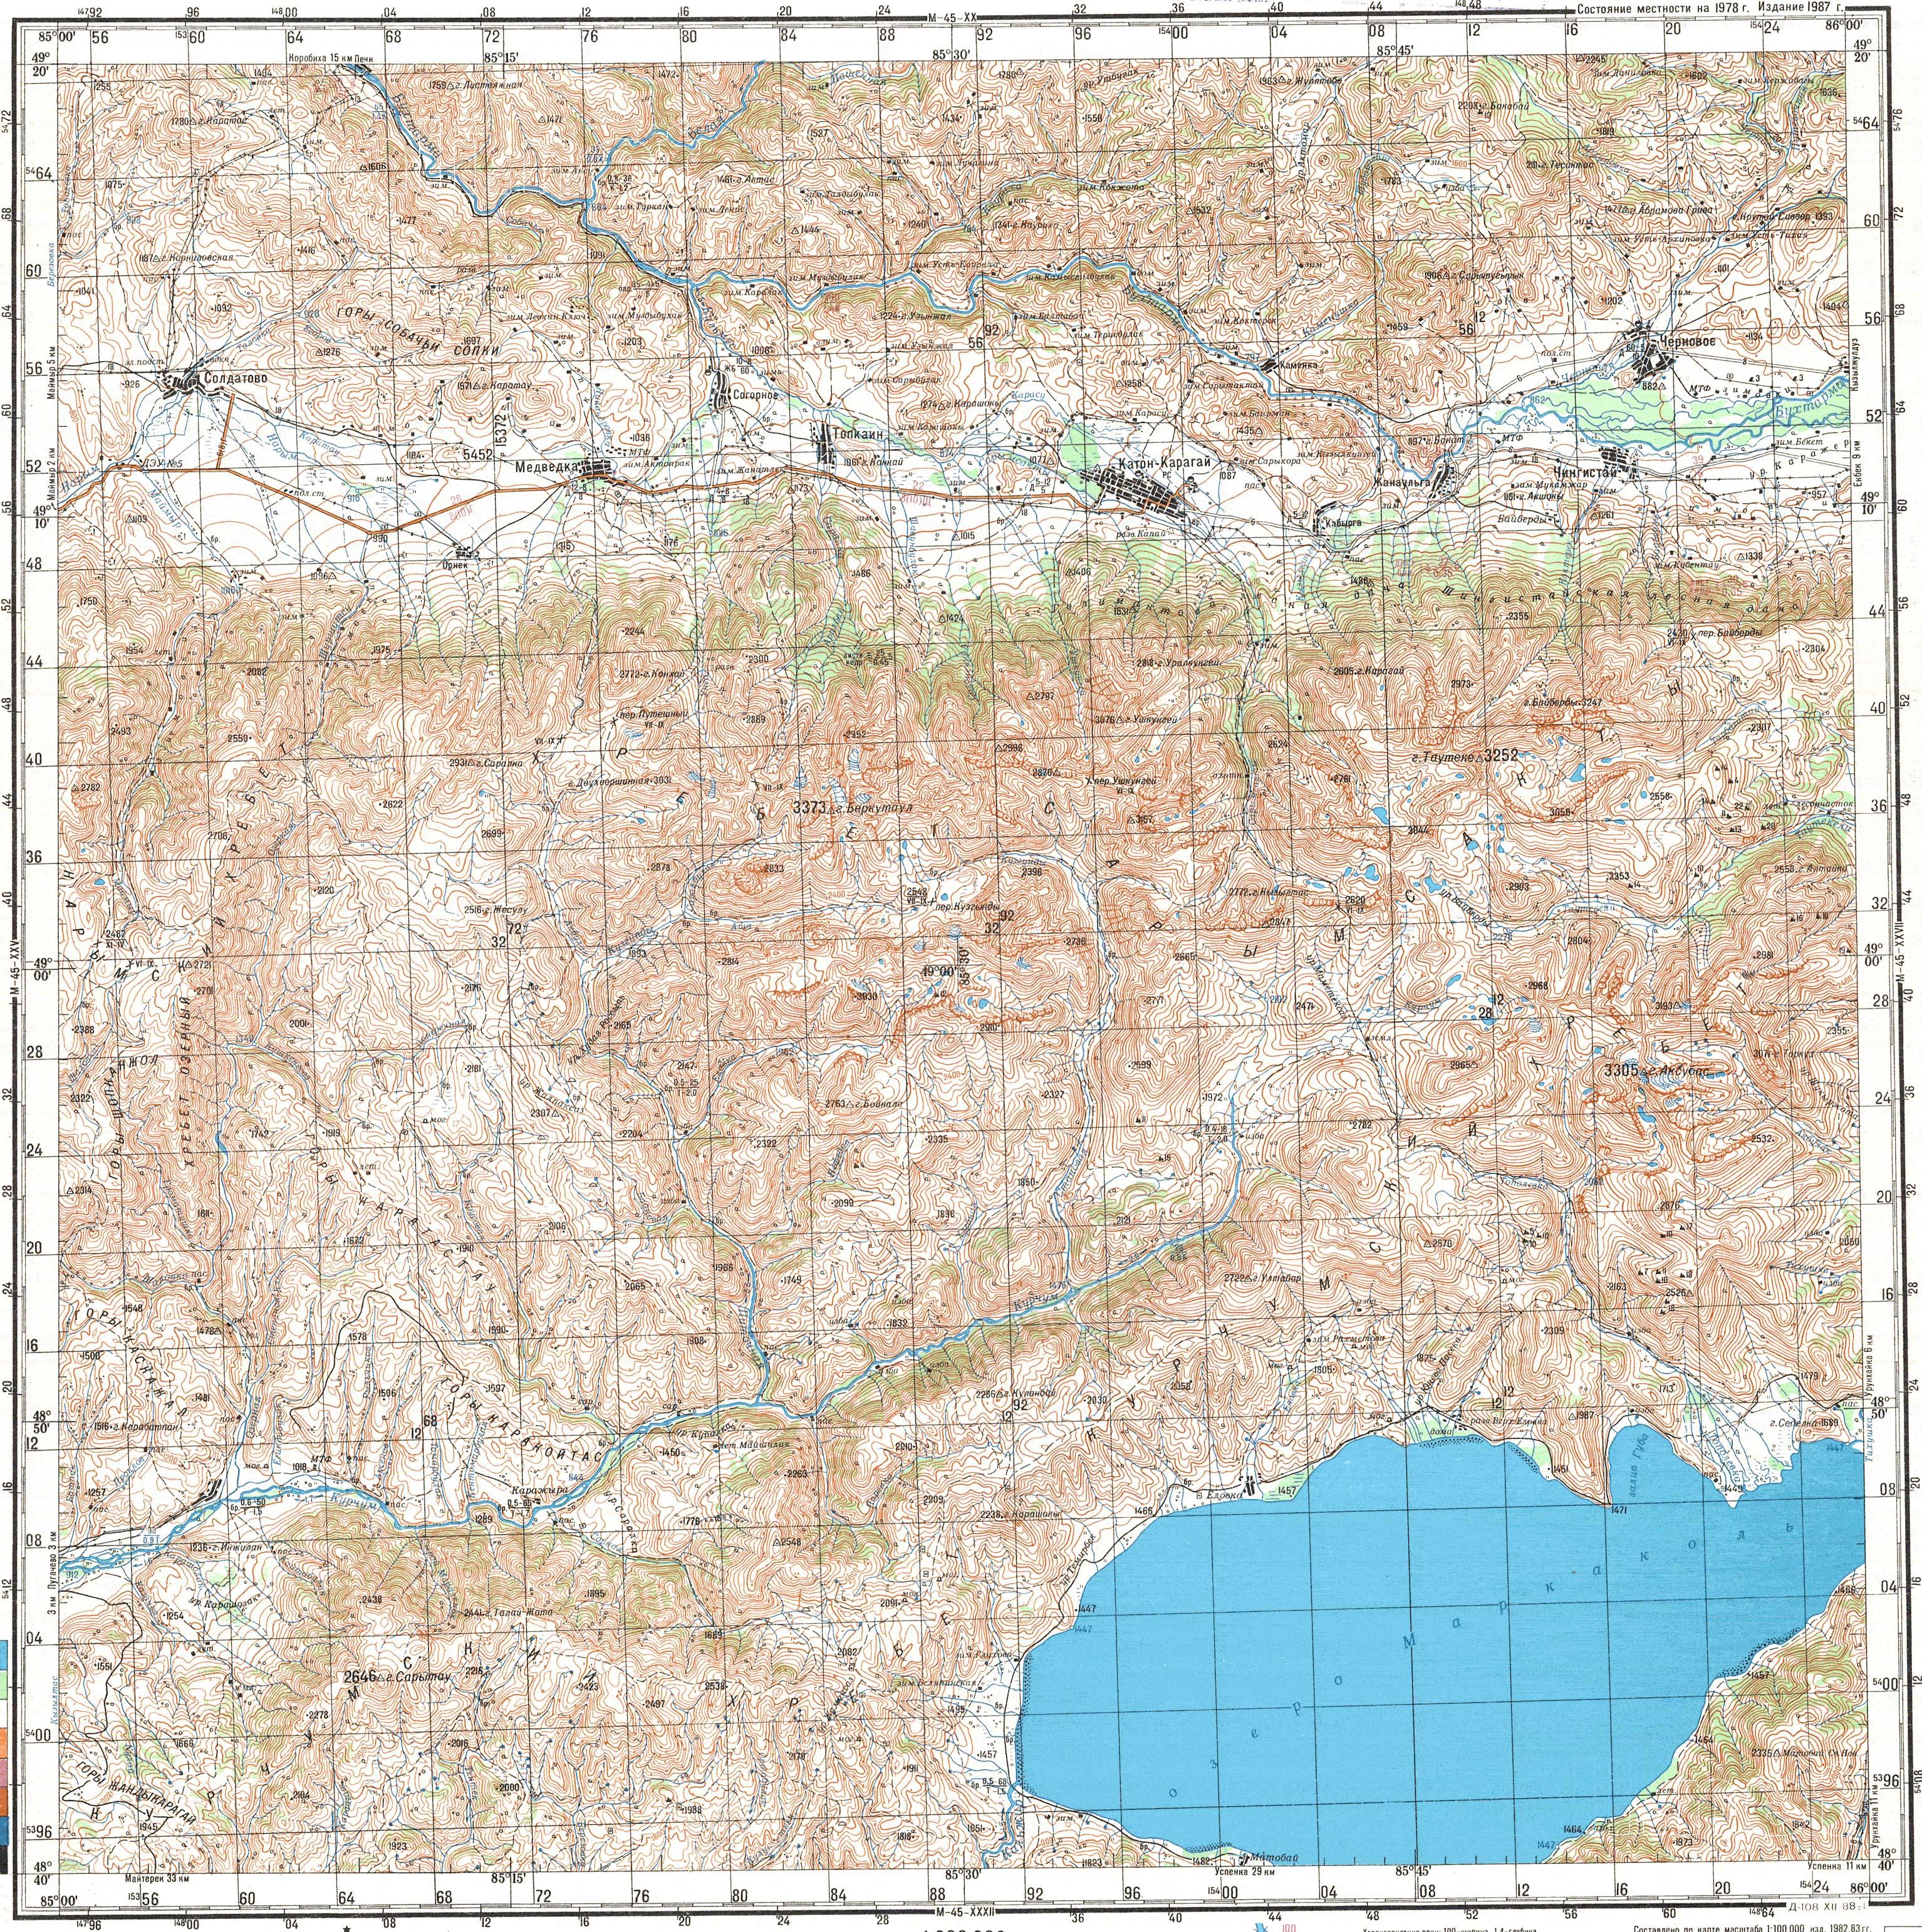 Скачать карту m-45-26 (3262 Kb)